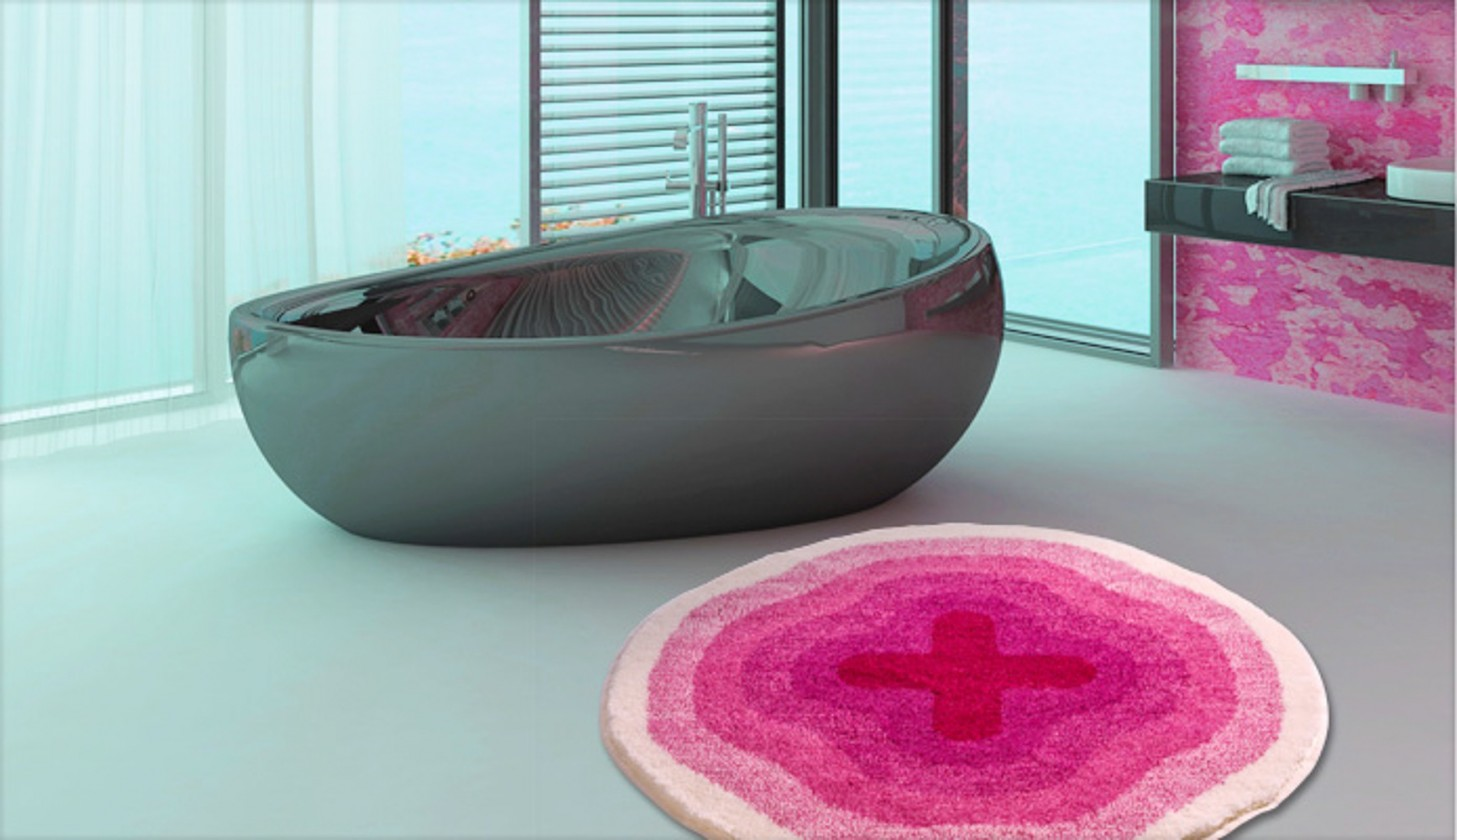 Nábytek Karim 03 - Předložka kruh 90 cm (růžová)